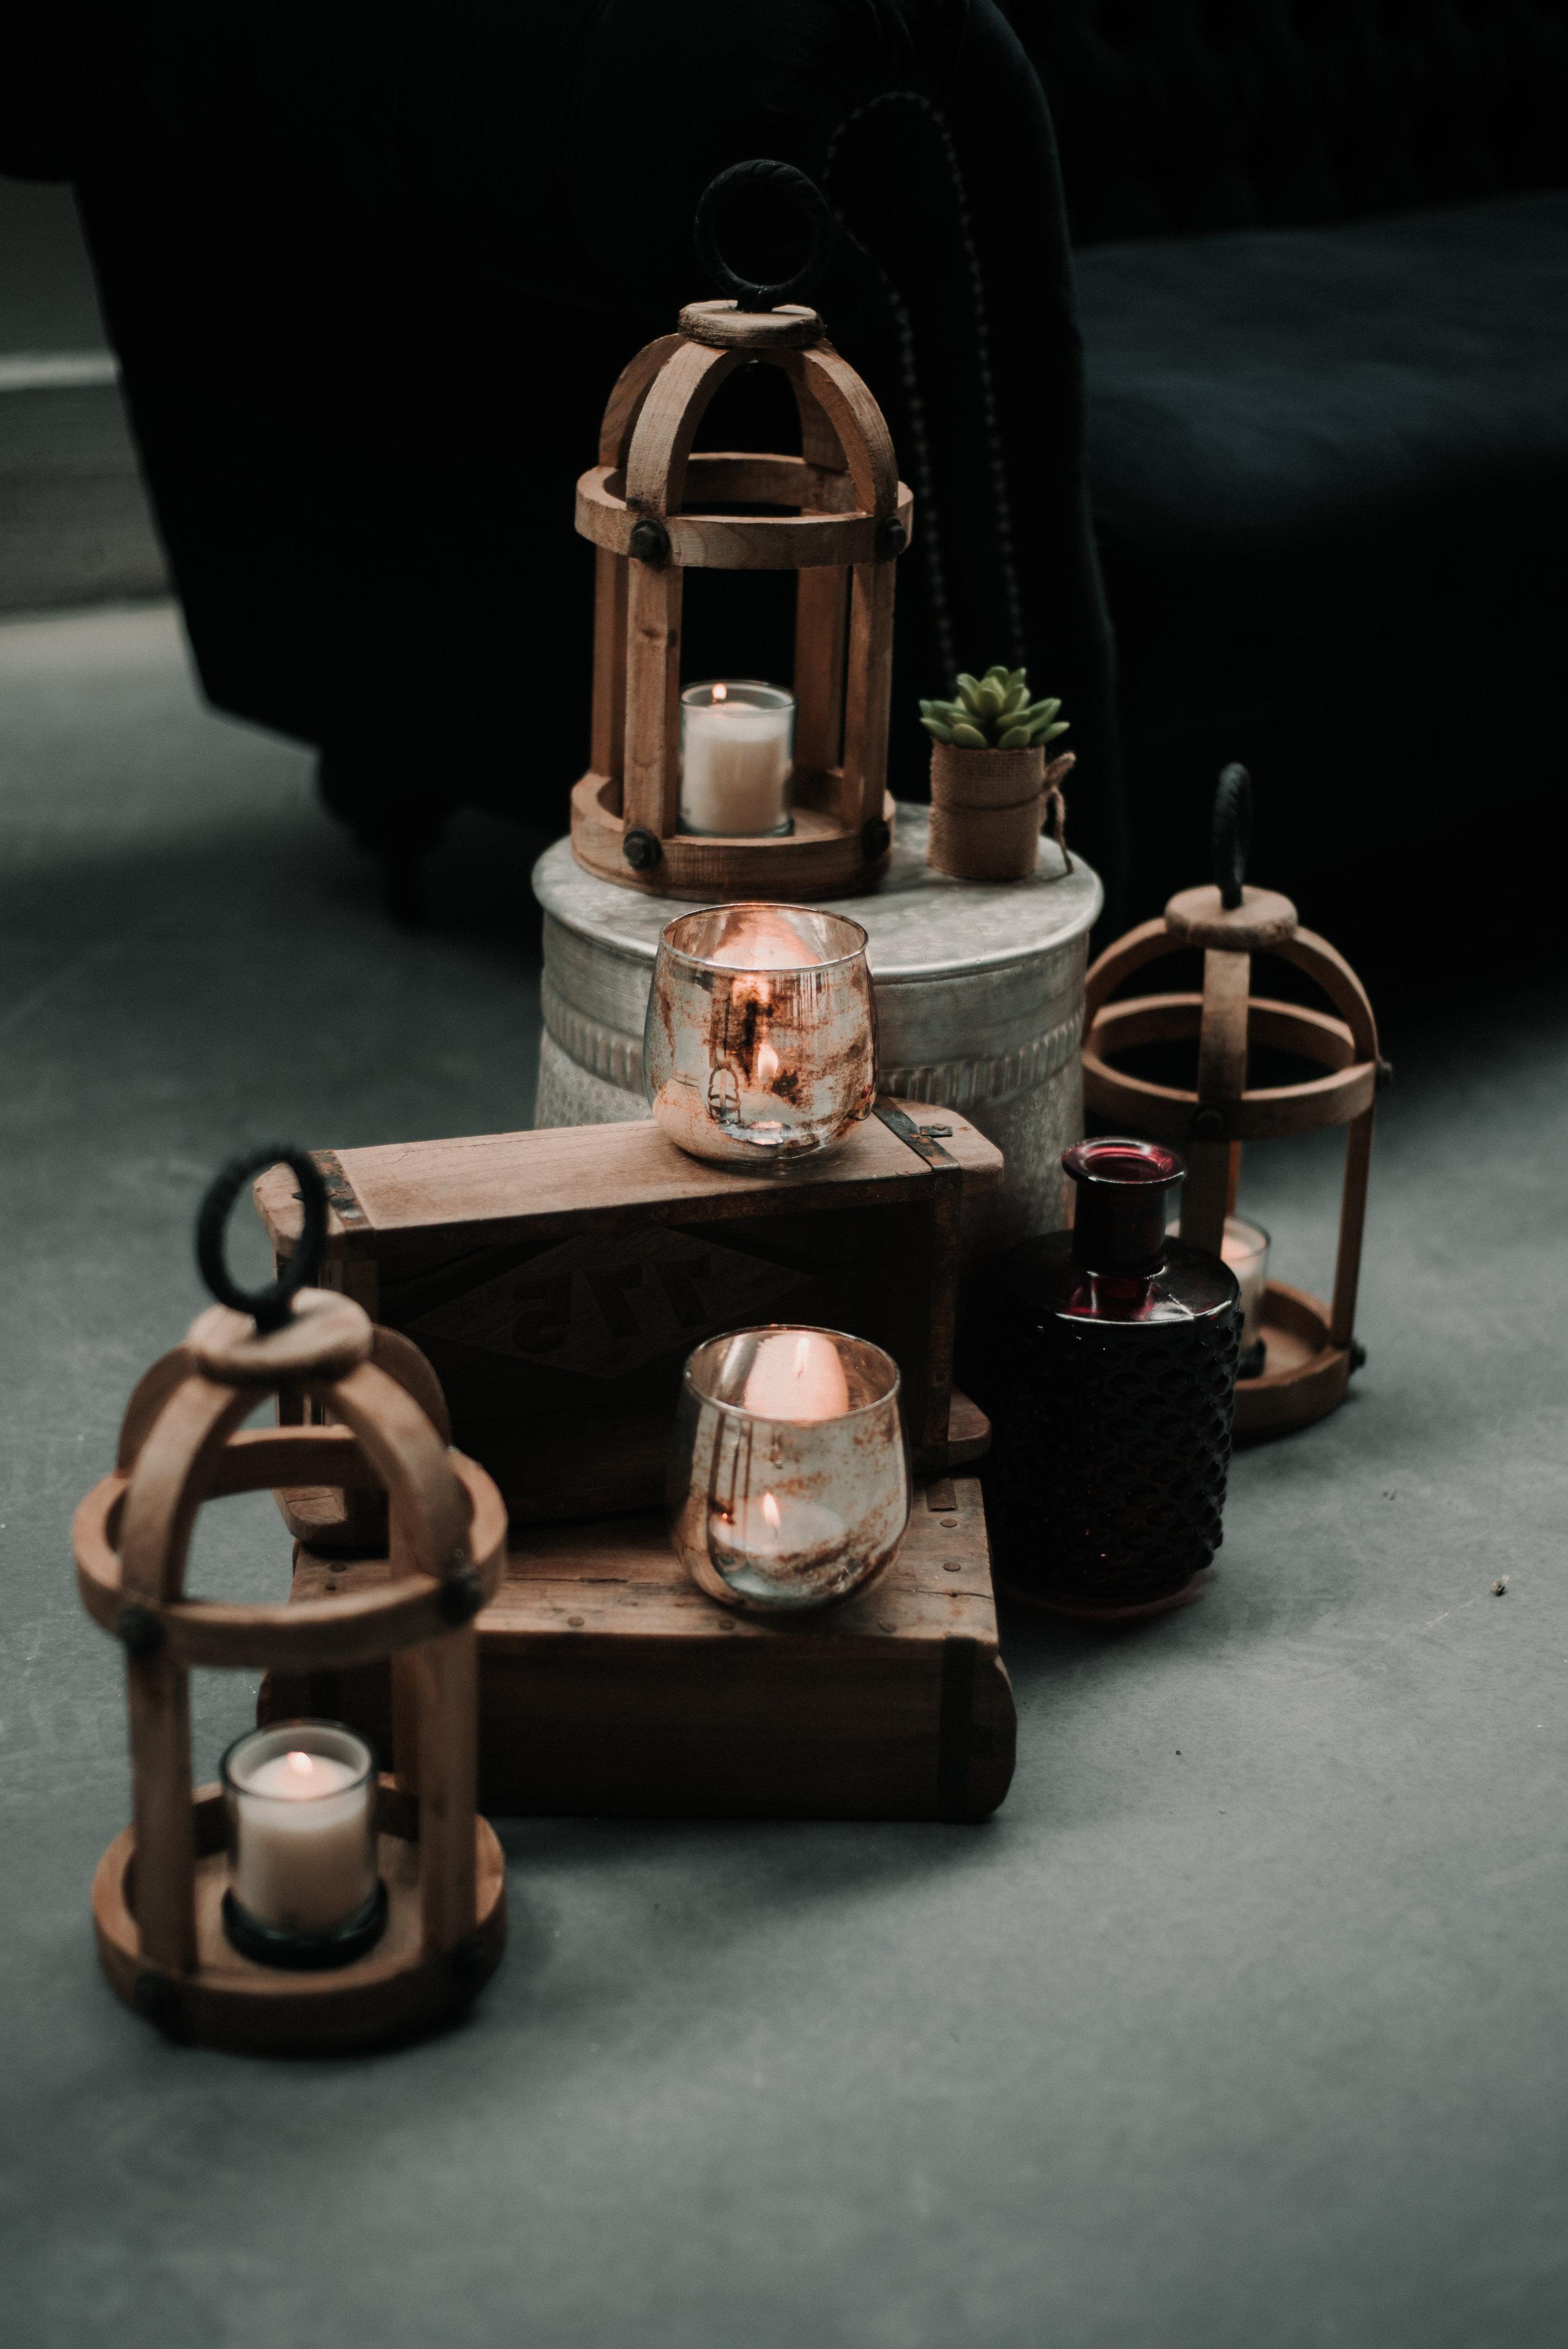 Léa-Fery-photographe-professionnel-lyon-rhone-alpes-portrait-creation-mariage-evenement-evenementiel-famille-1447.jpg